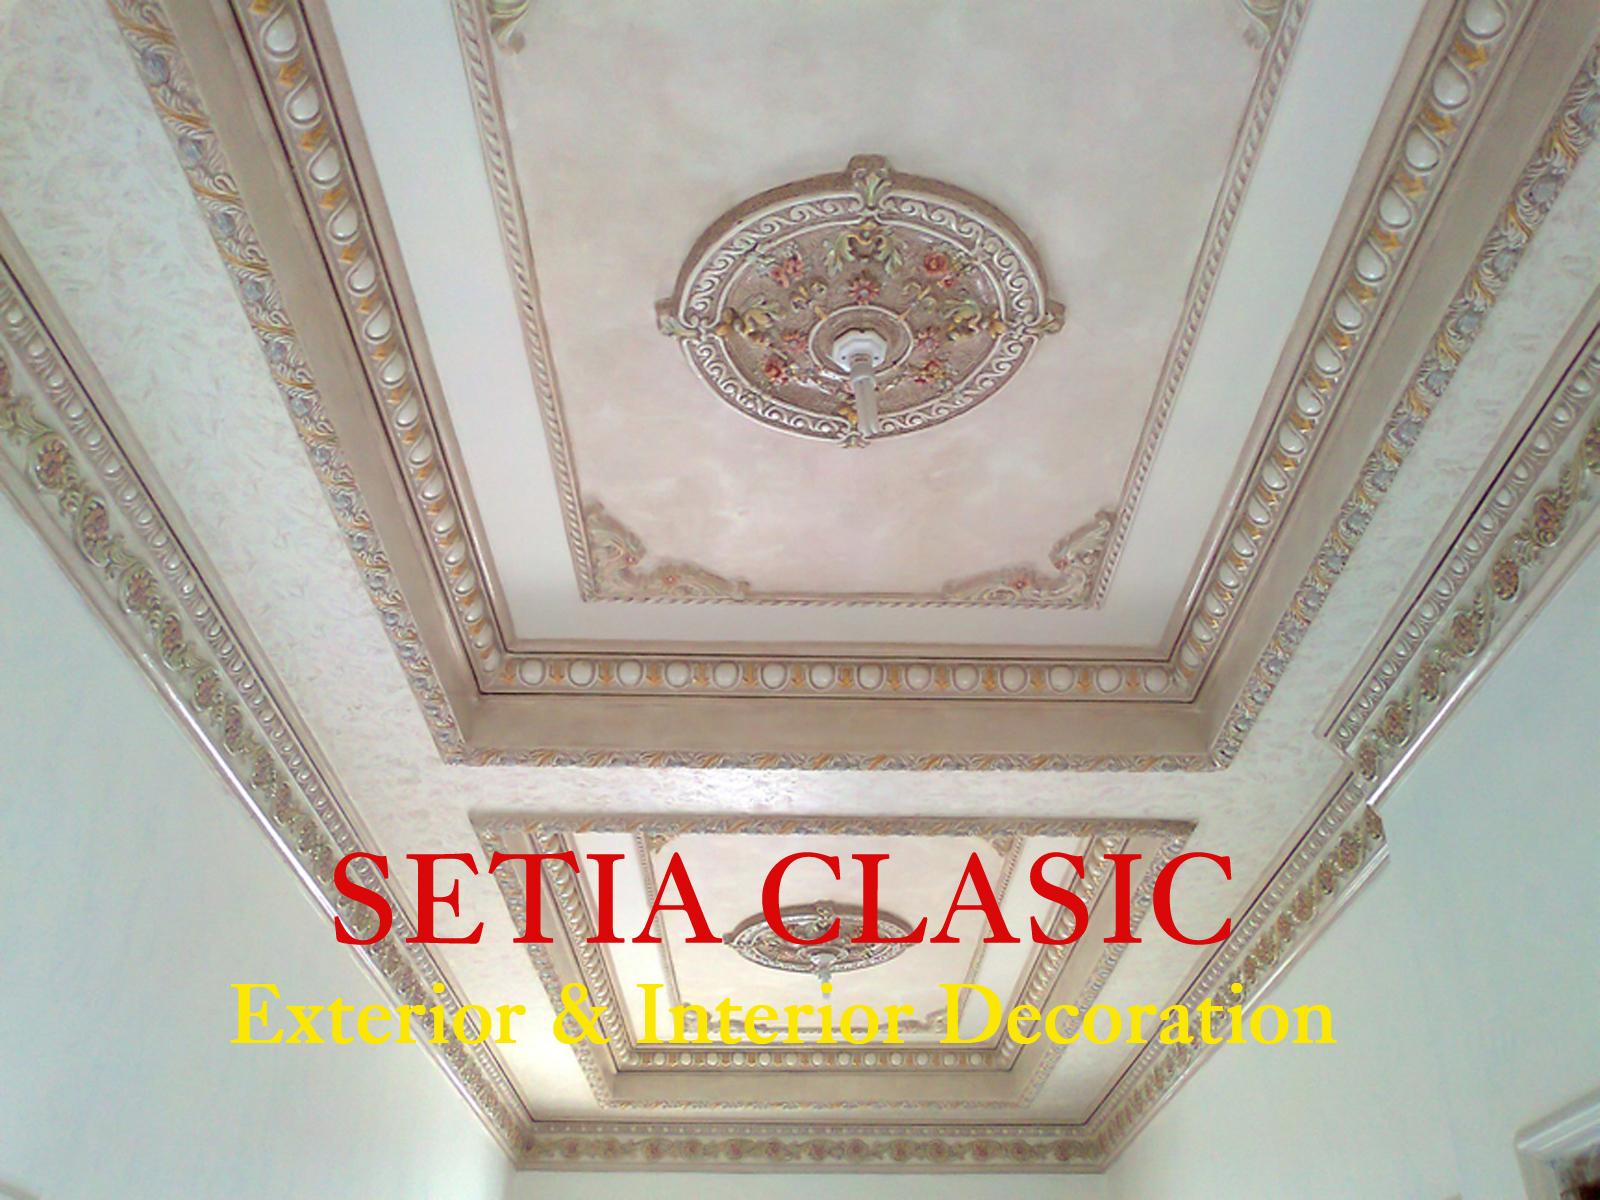 desain plafon gypsum klasik yang artistik 2 foto setia